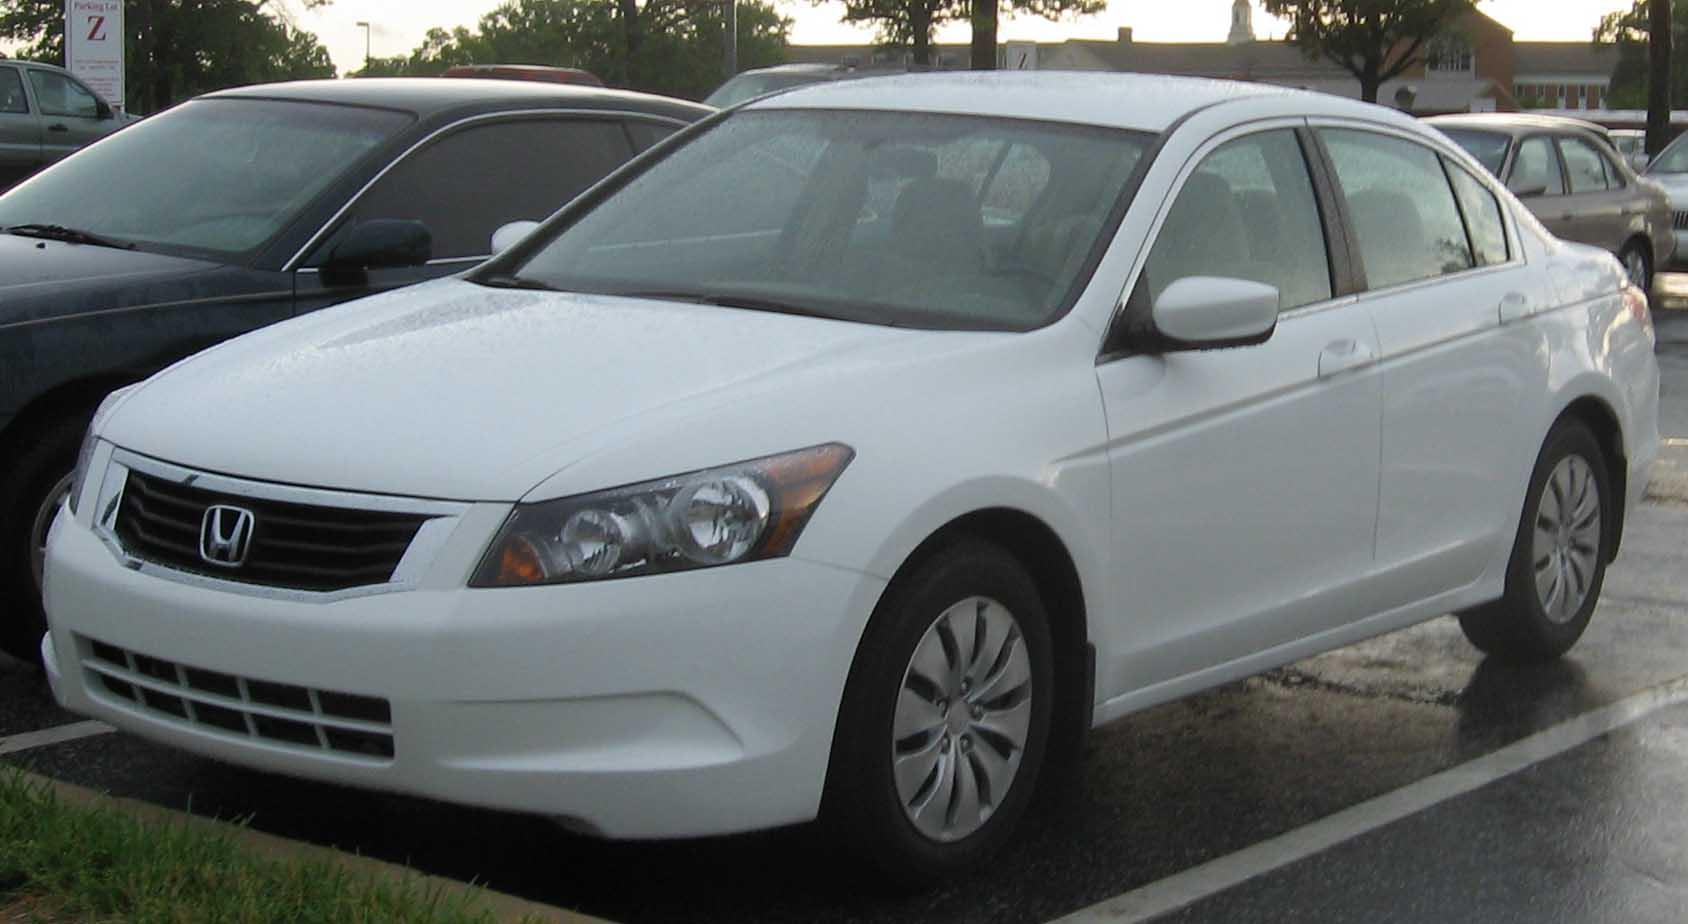 Marvelous File:2008 Honda Accord LX Sedan